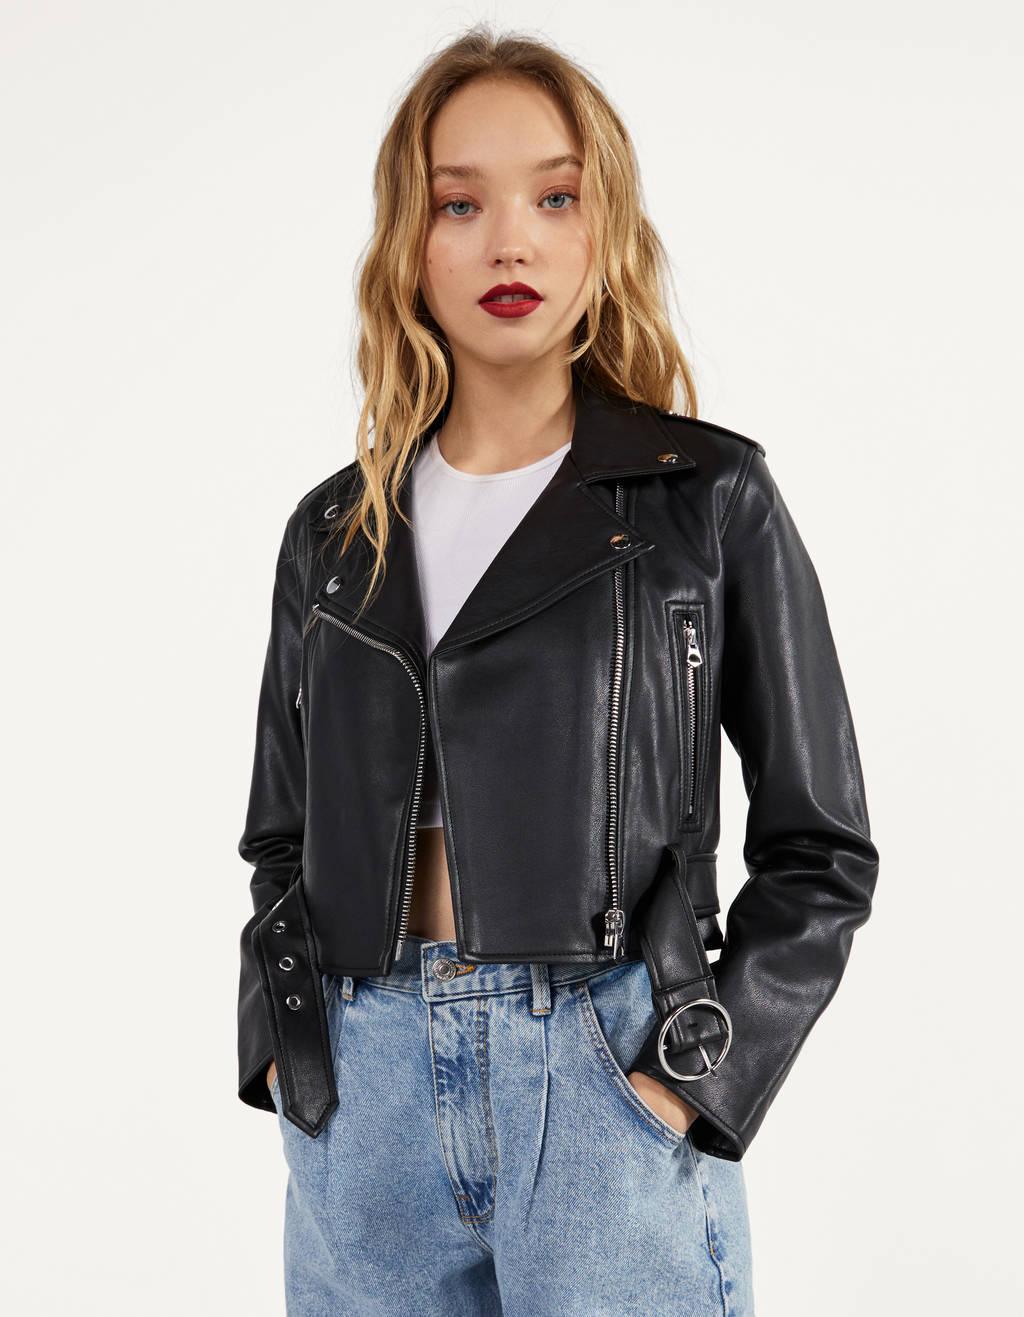 Куртка в байкерском стиле, из искусственной кожи